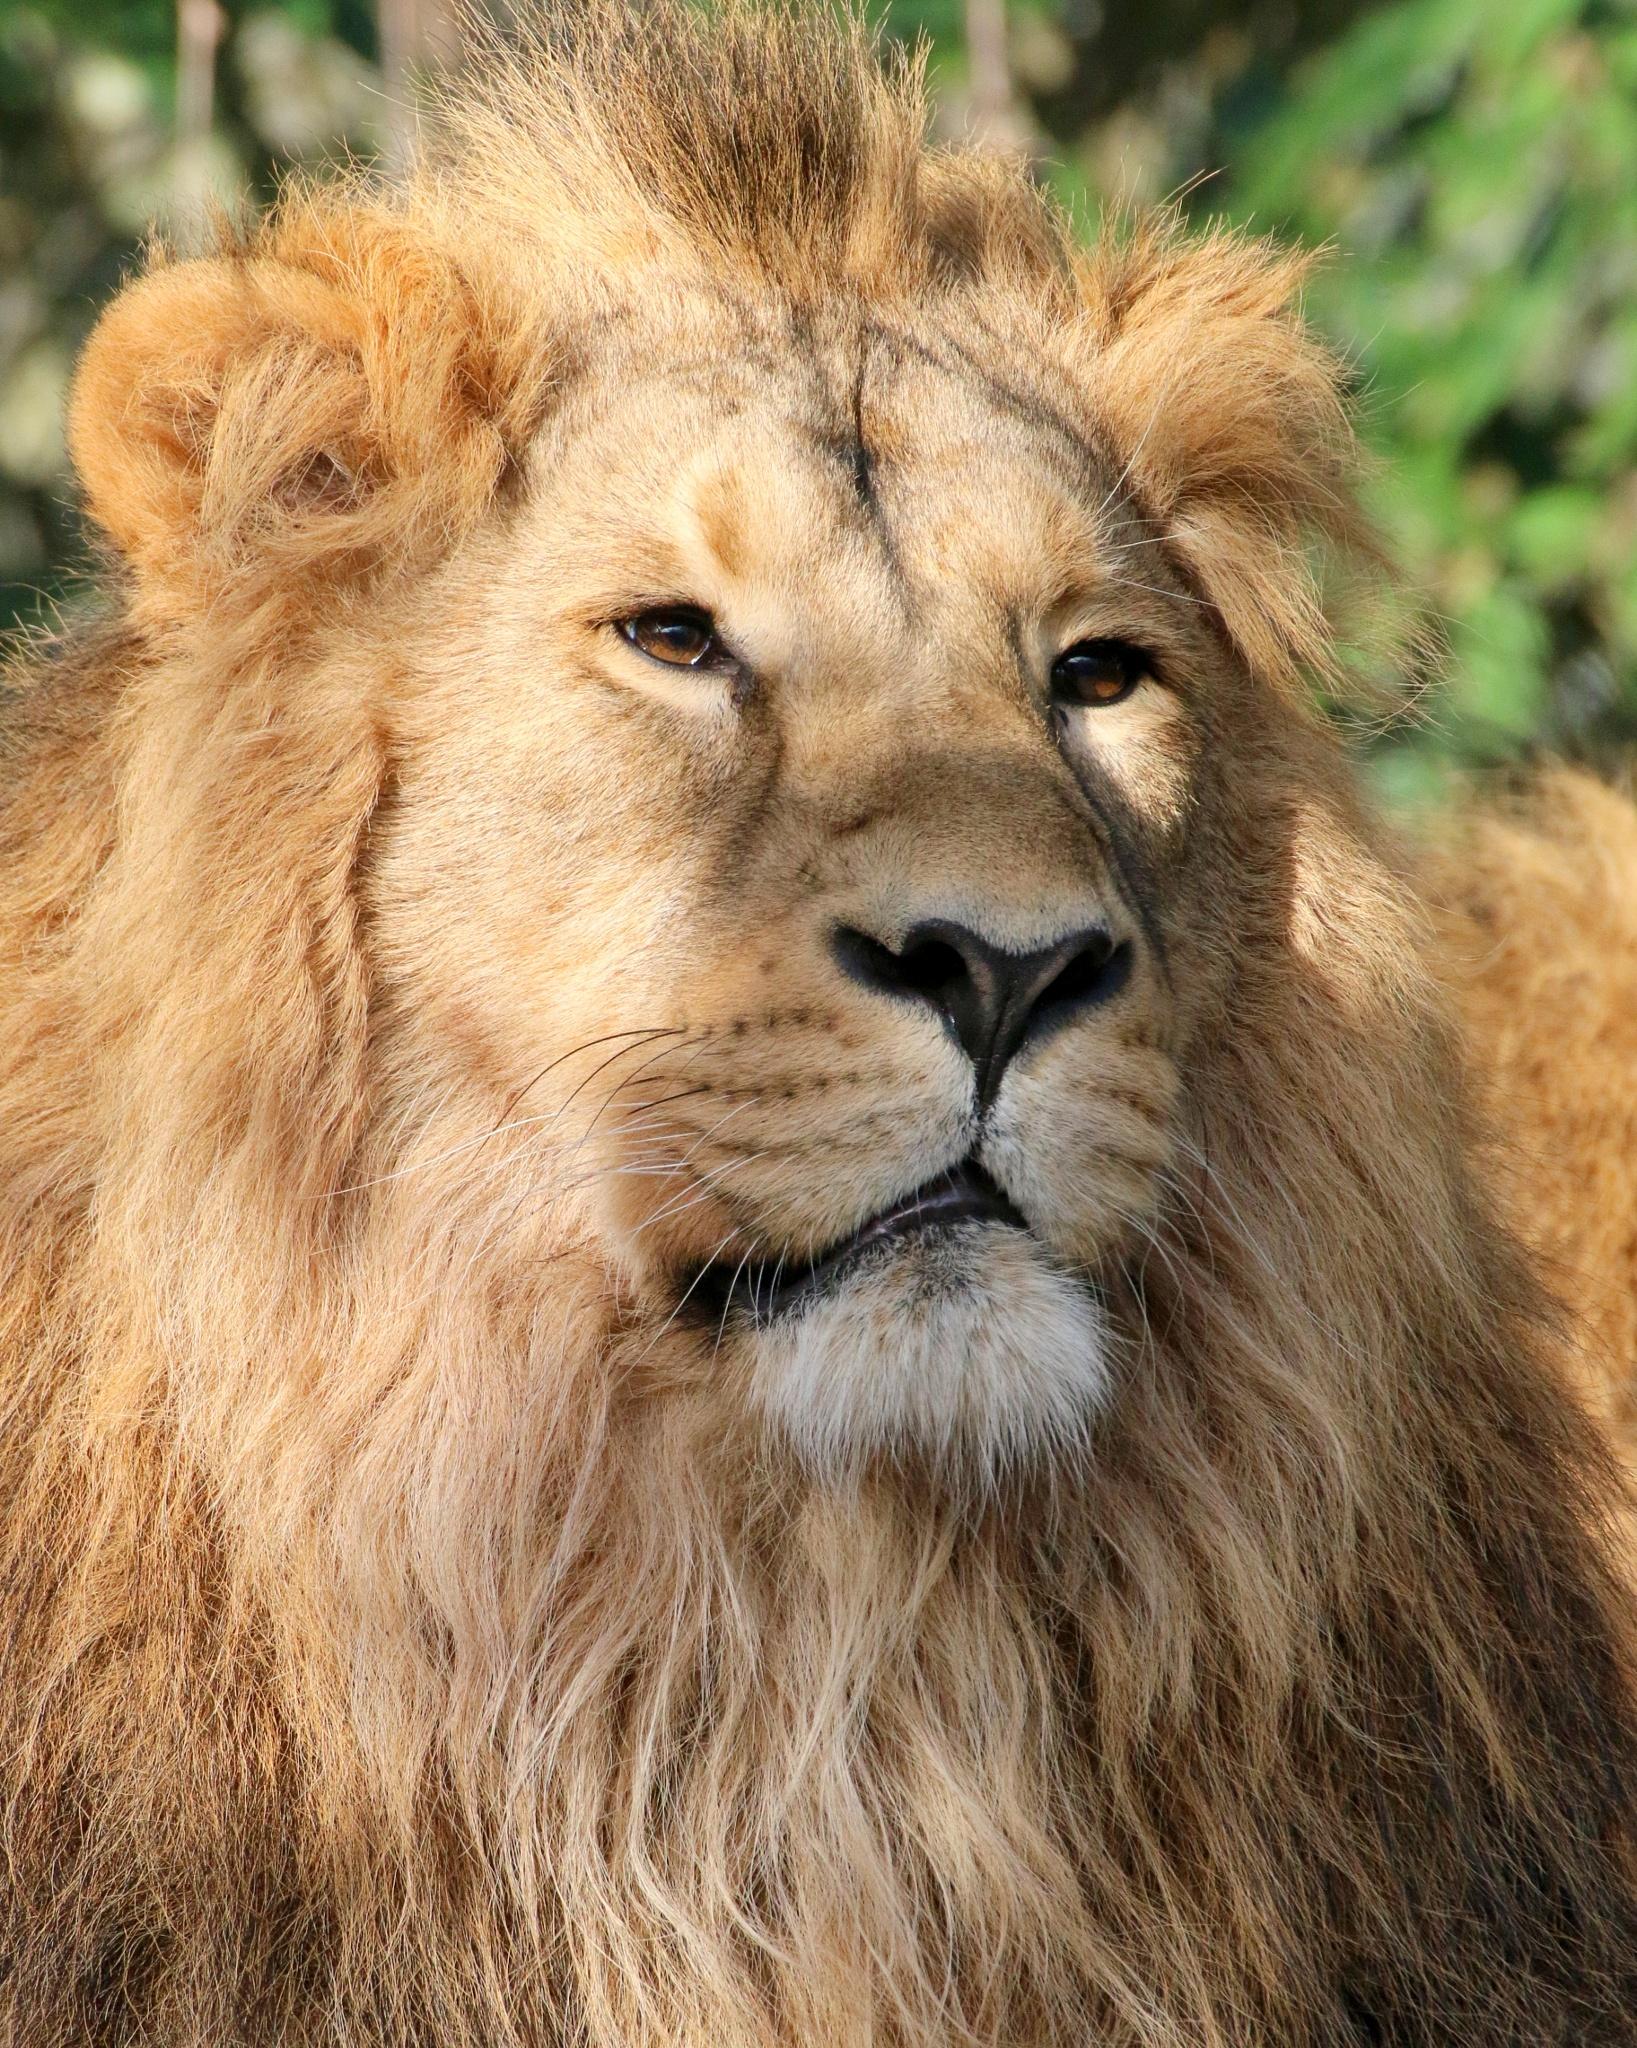 Lion by Ralphharvey